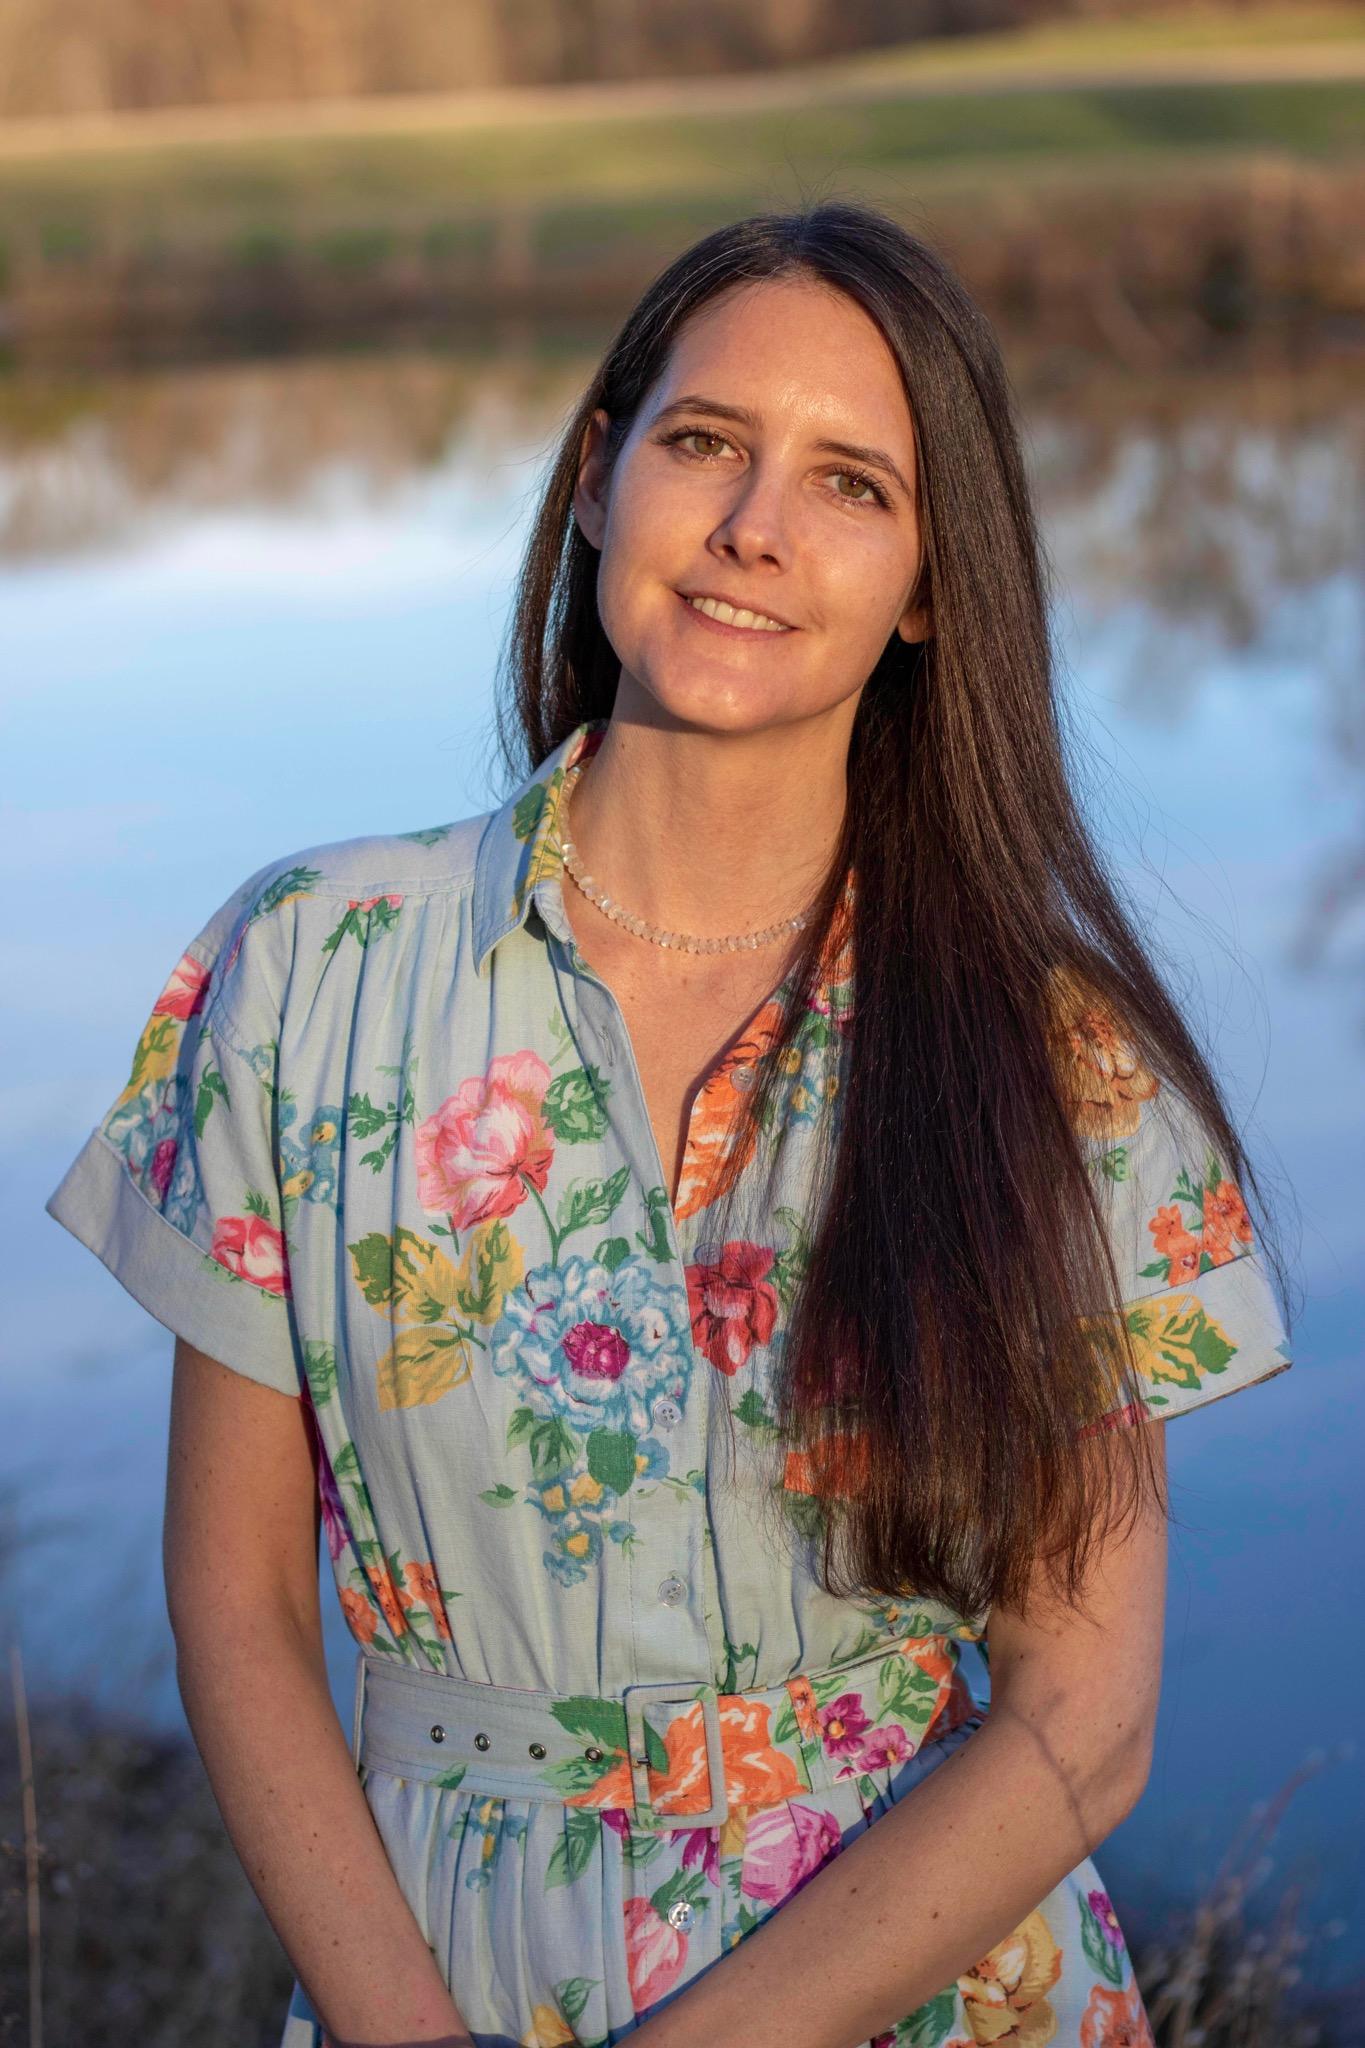 Kimberly Schipke